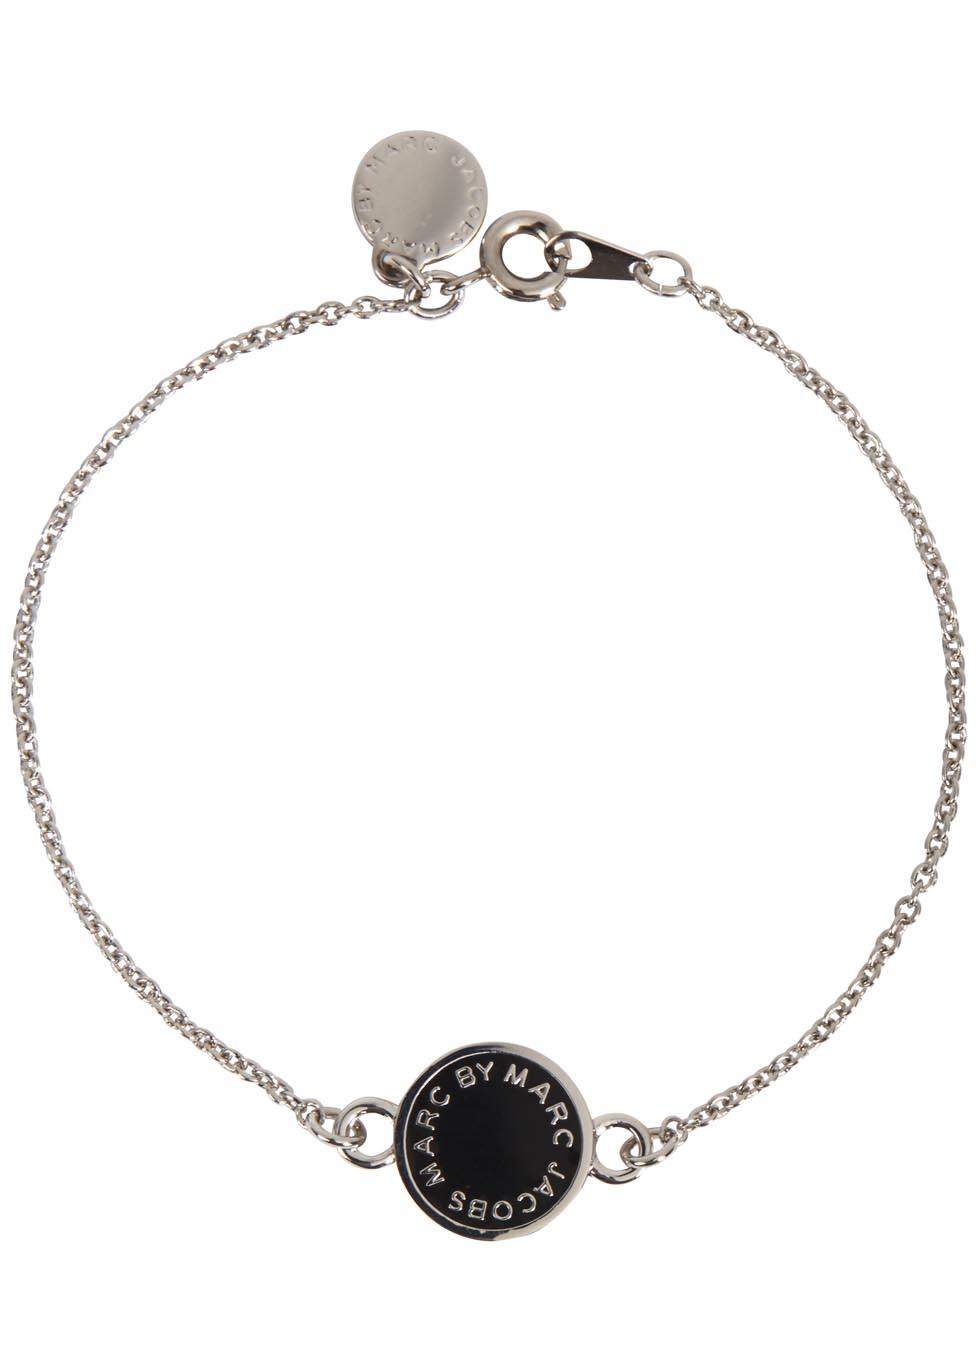 Marc by Marc Jacobs Silver tone enamel bracelet